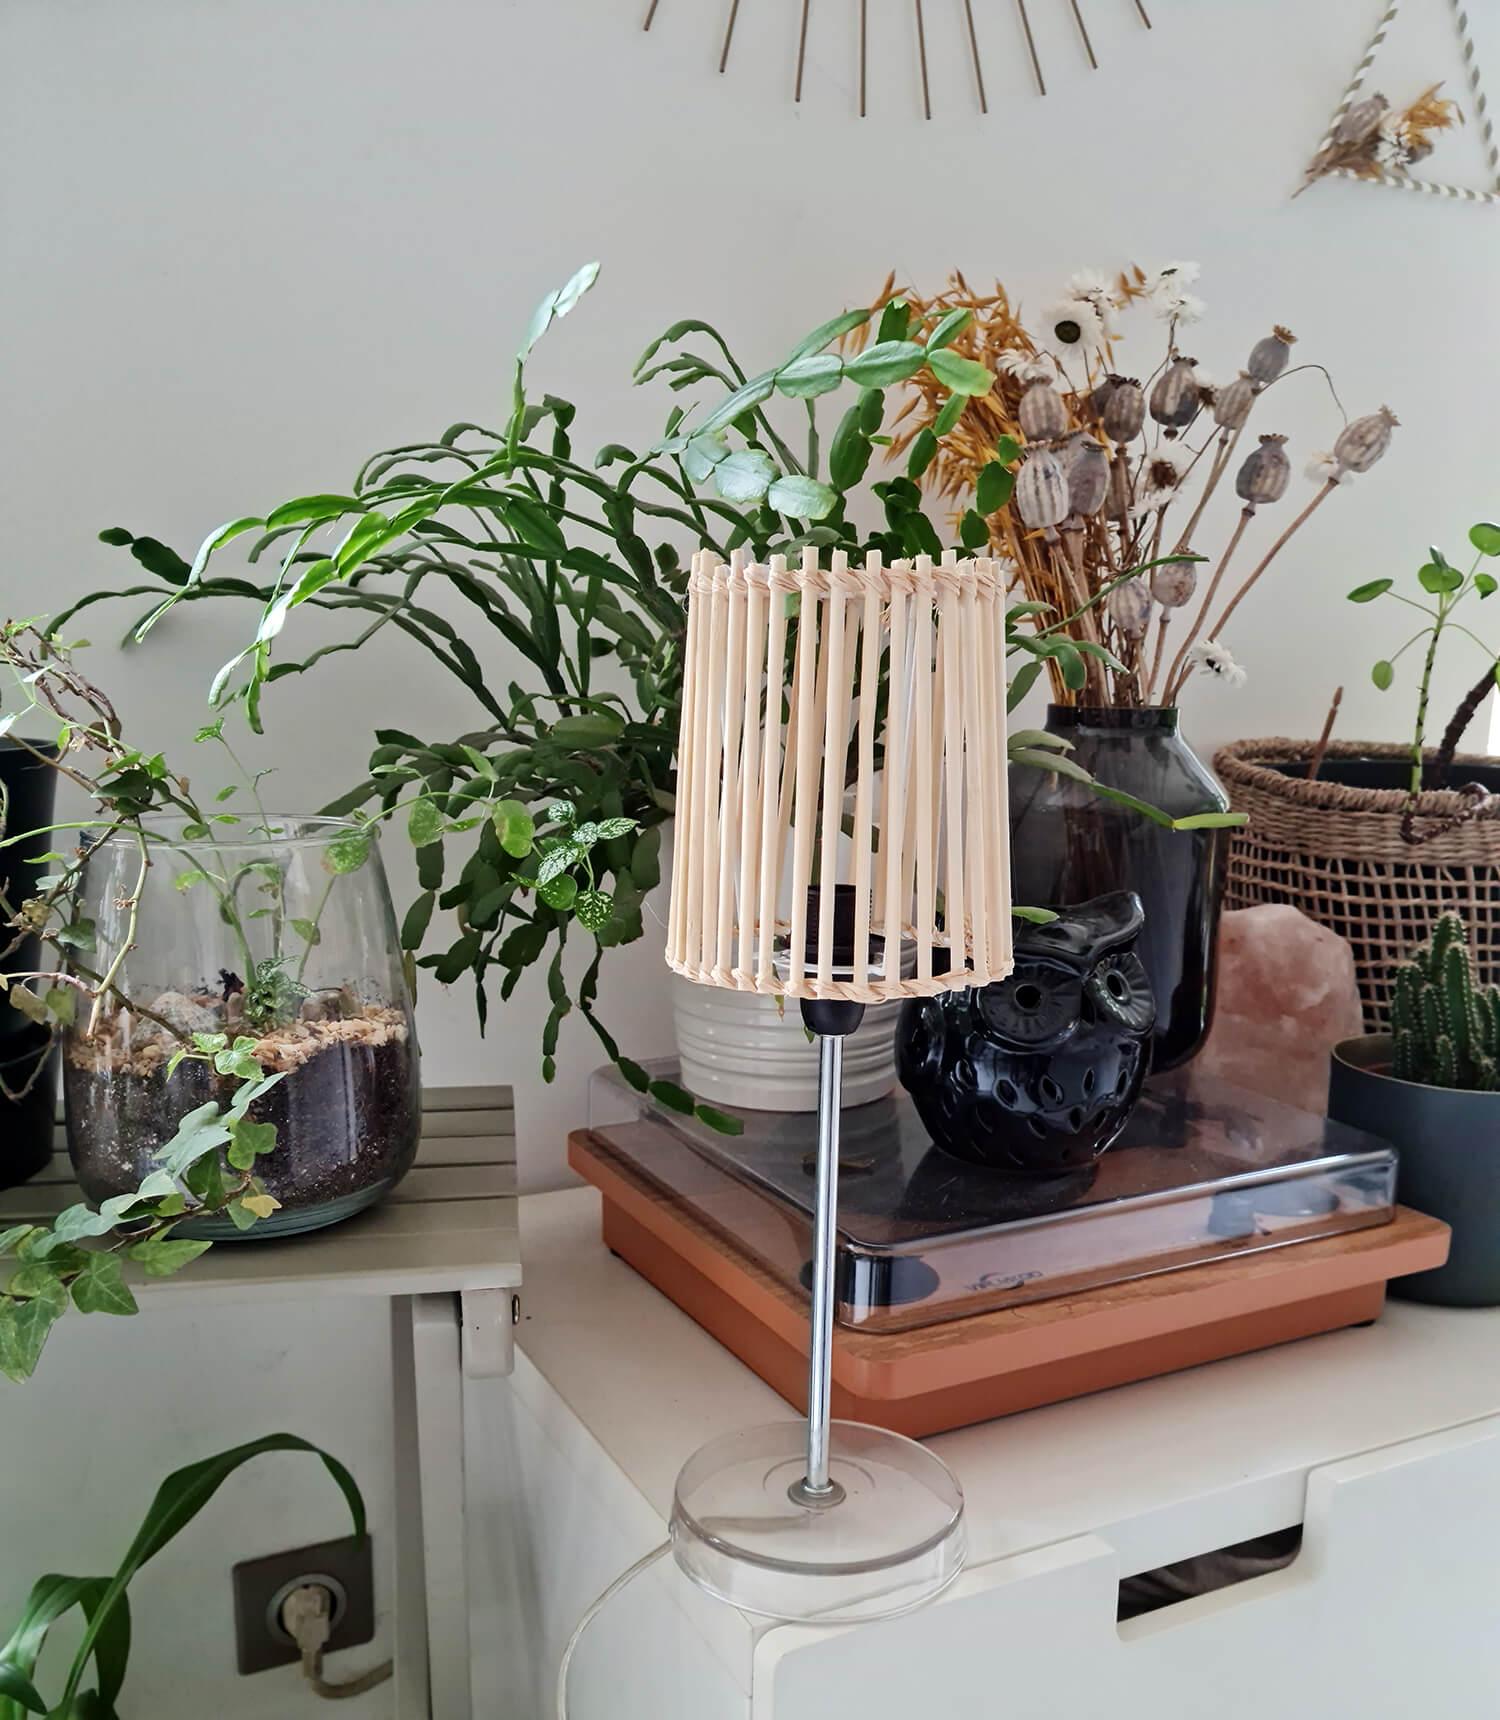 20210409 150846 - Fabriquer une lampe nature en bois pour diffuser une lumière douce